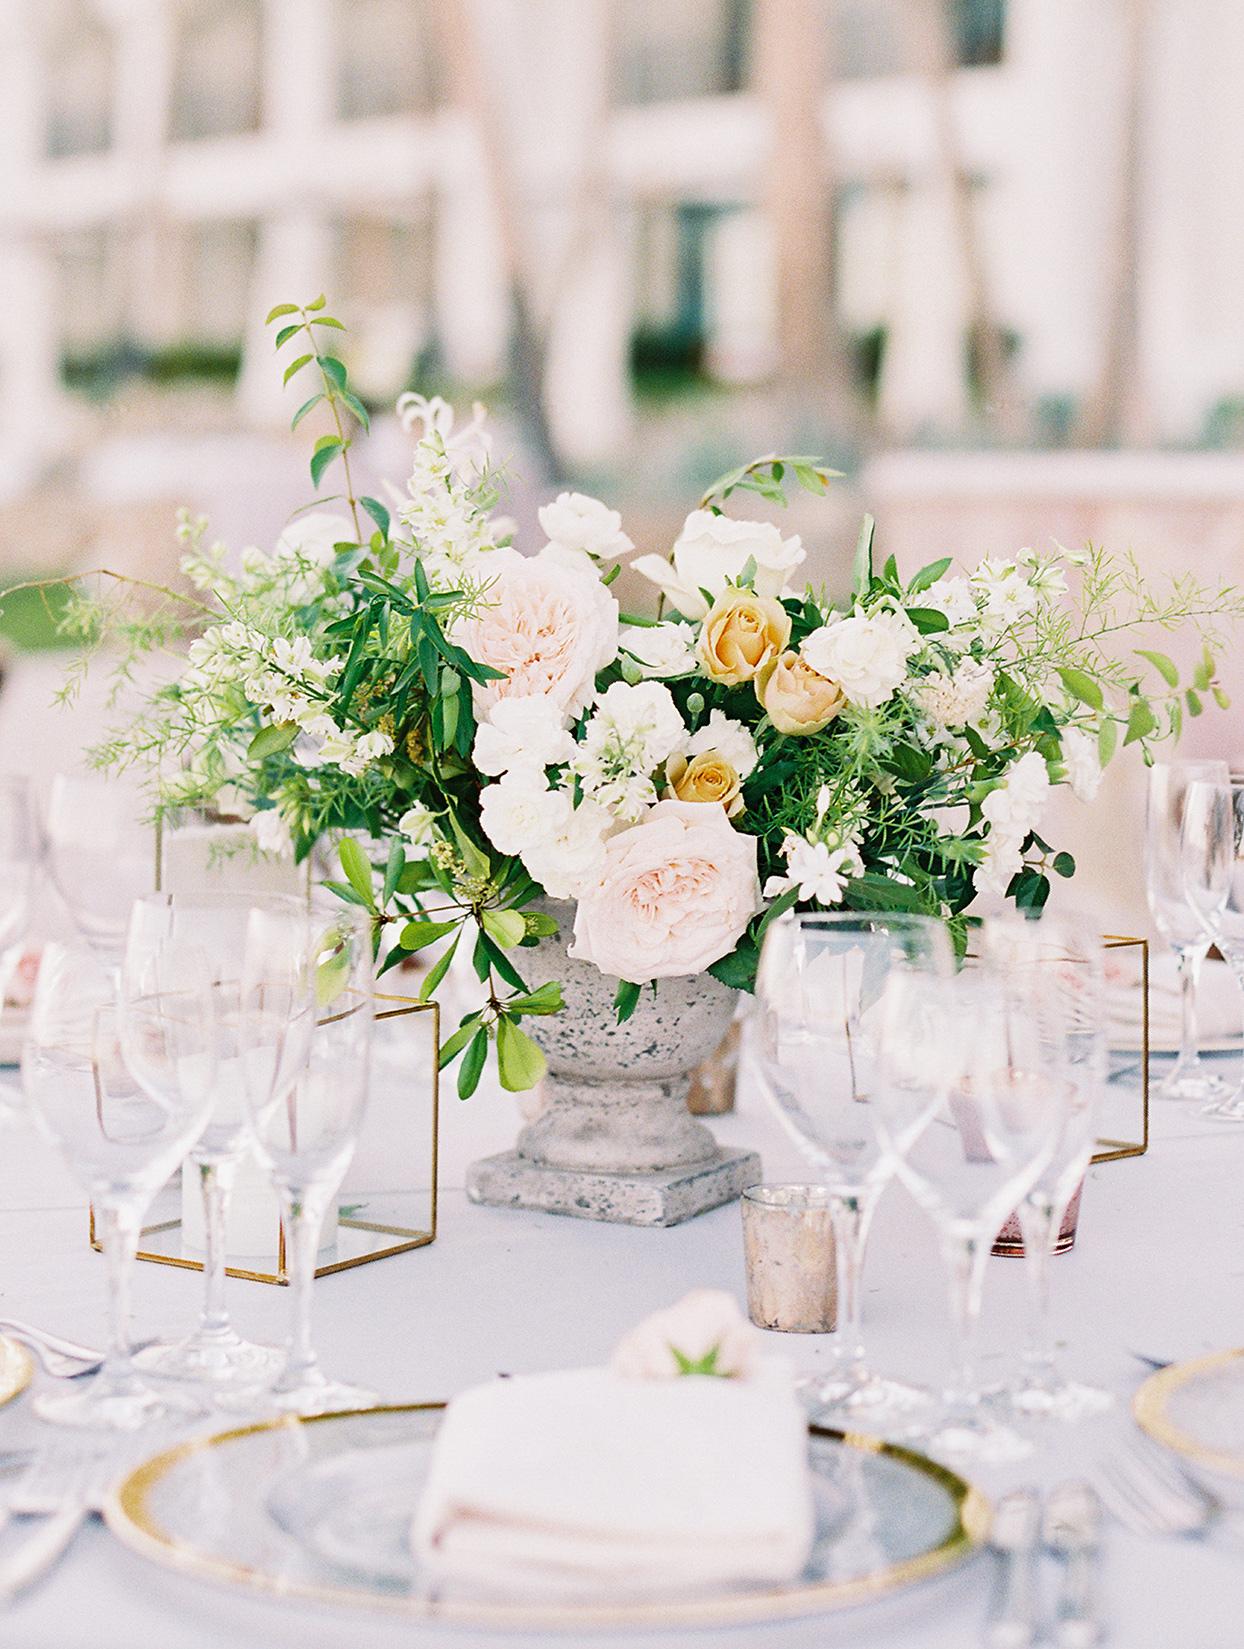 kirsten deran wedding floral centerpiece